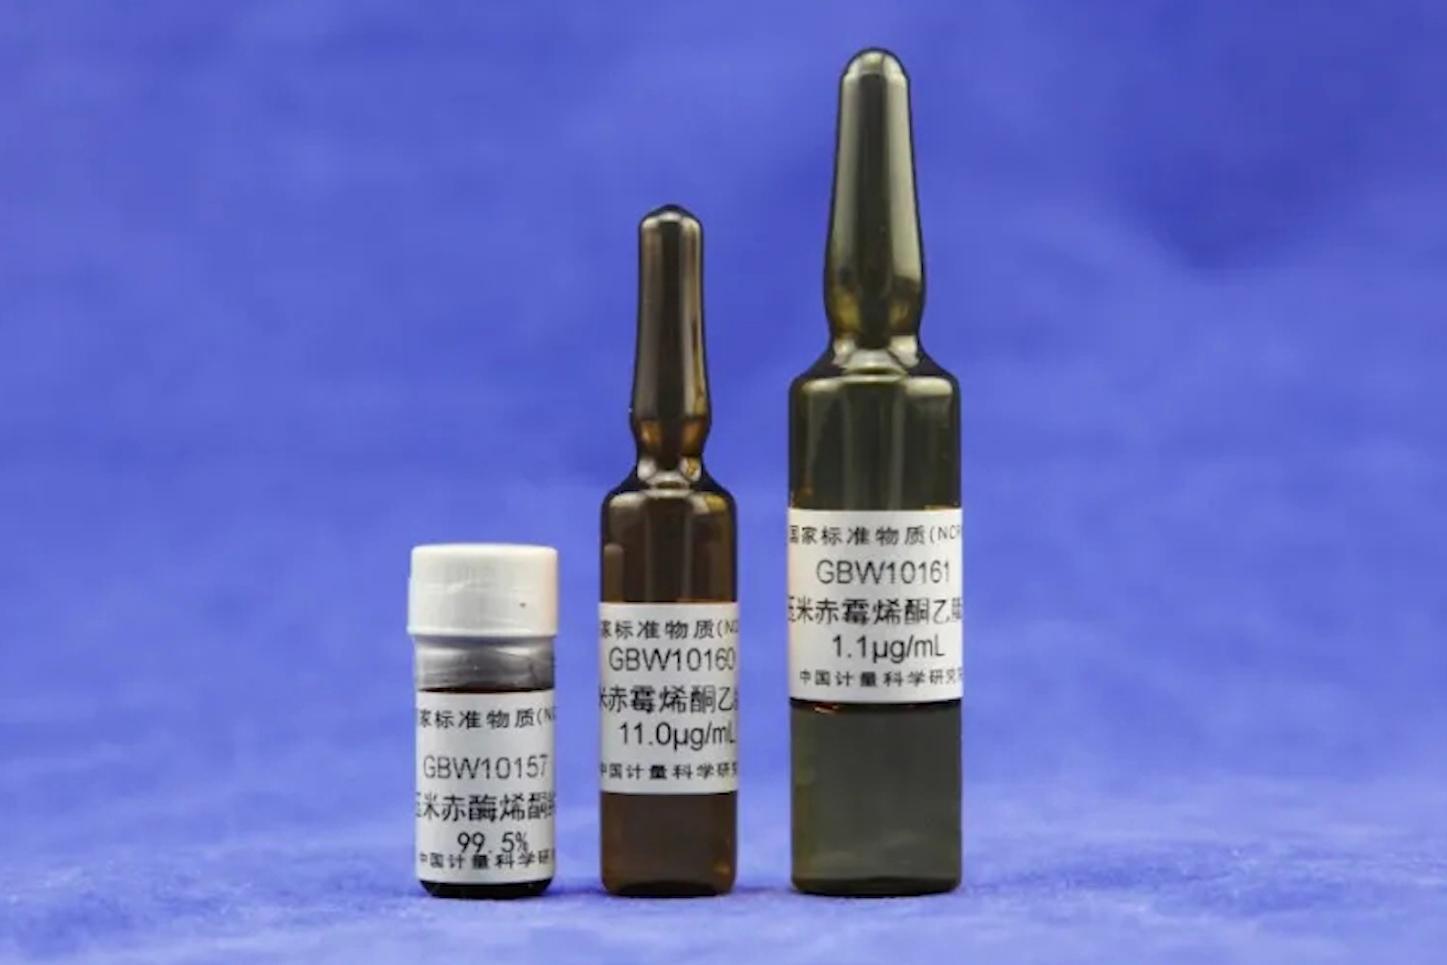 三种食品领域(真菌毒素)国家一级标准物质推荐-www.bnbio.com北纳生物